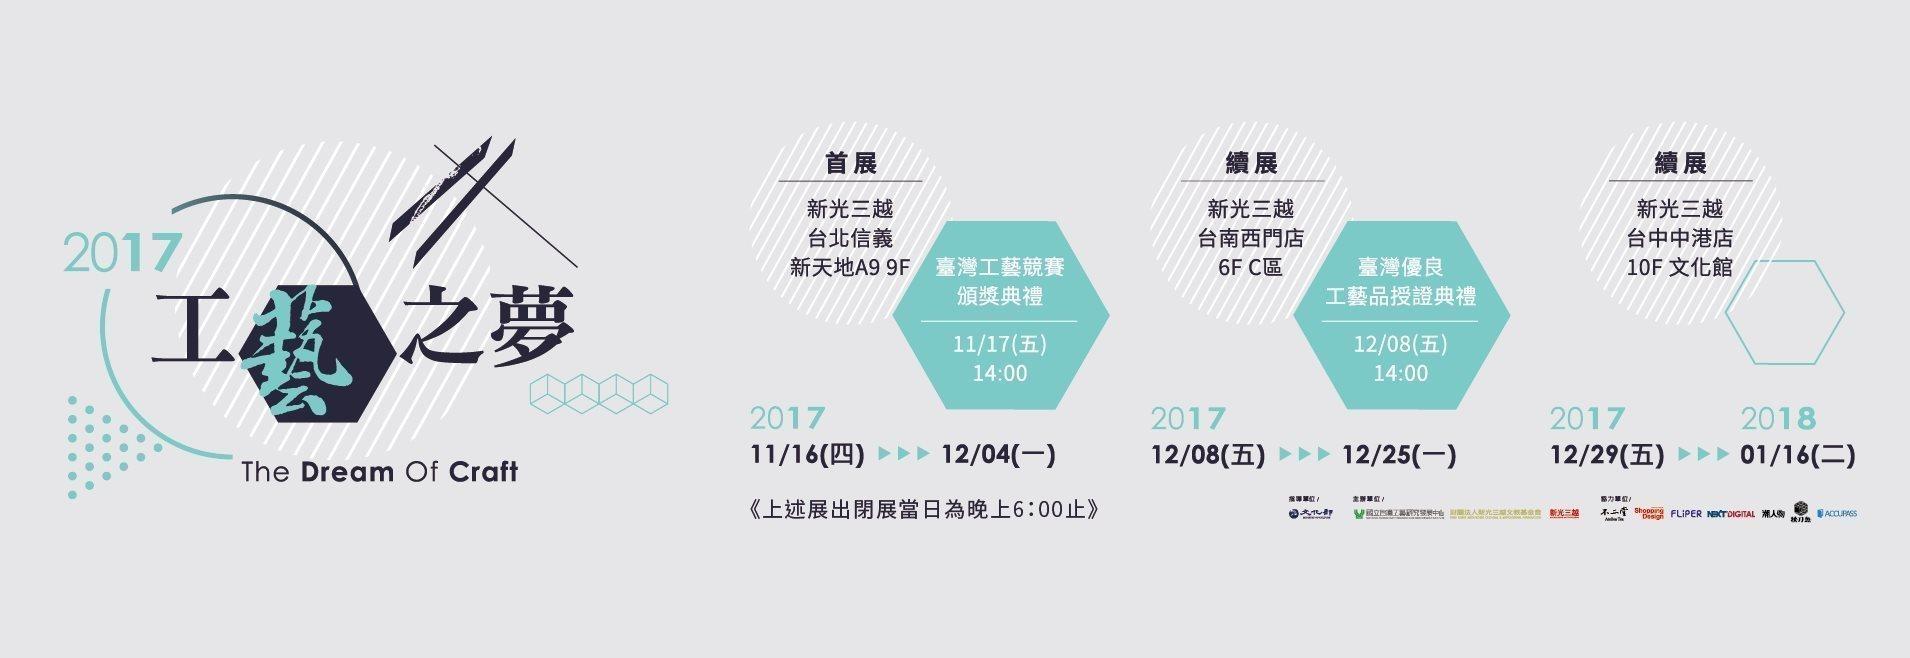 2017工藝之夢特展[另開新視窗]